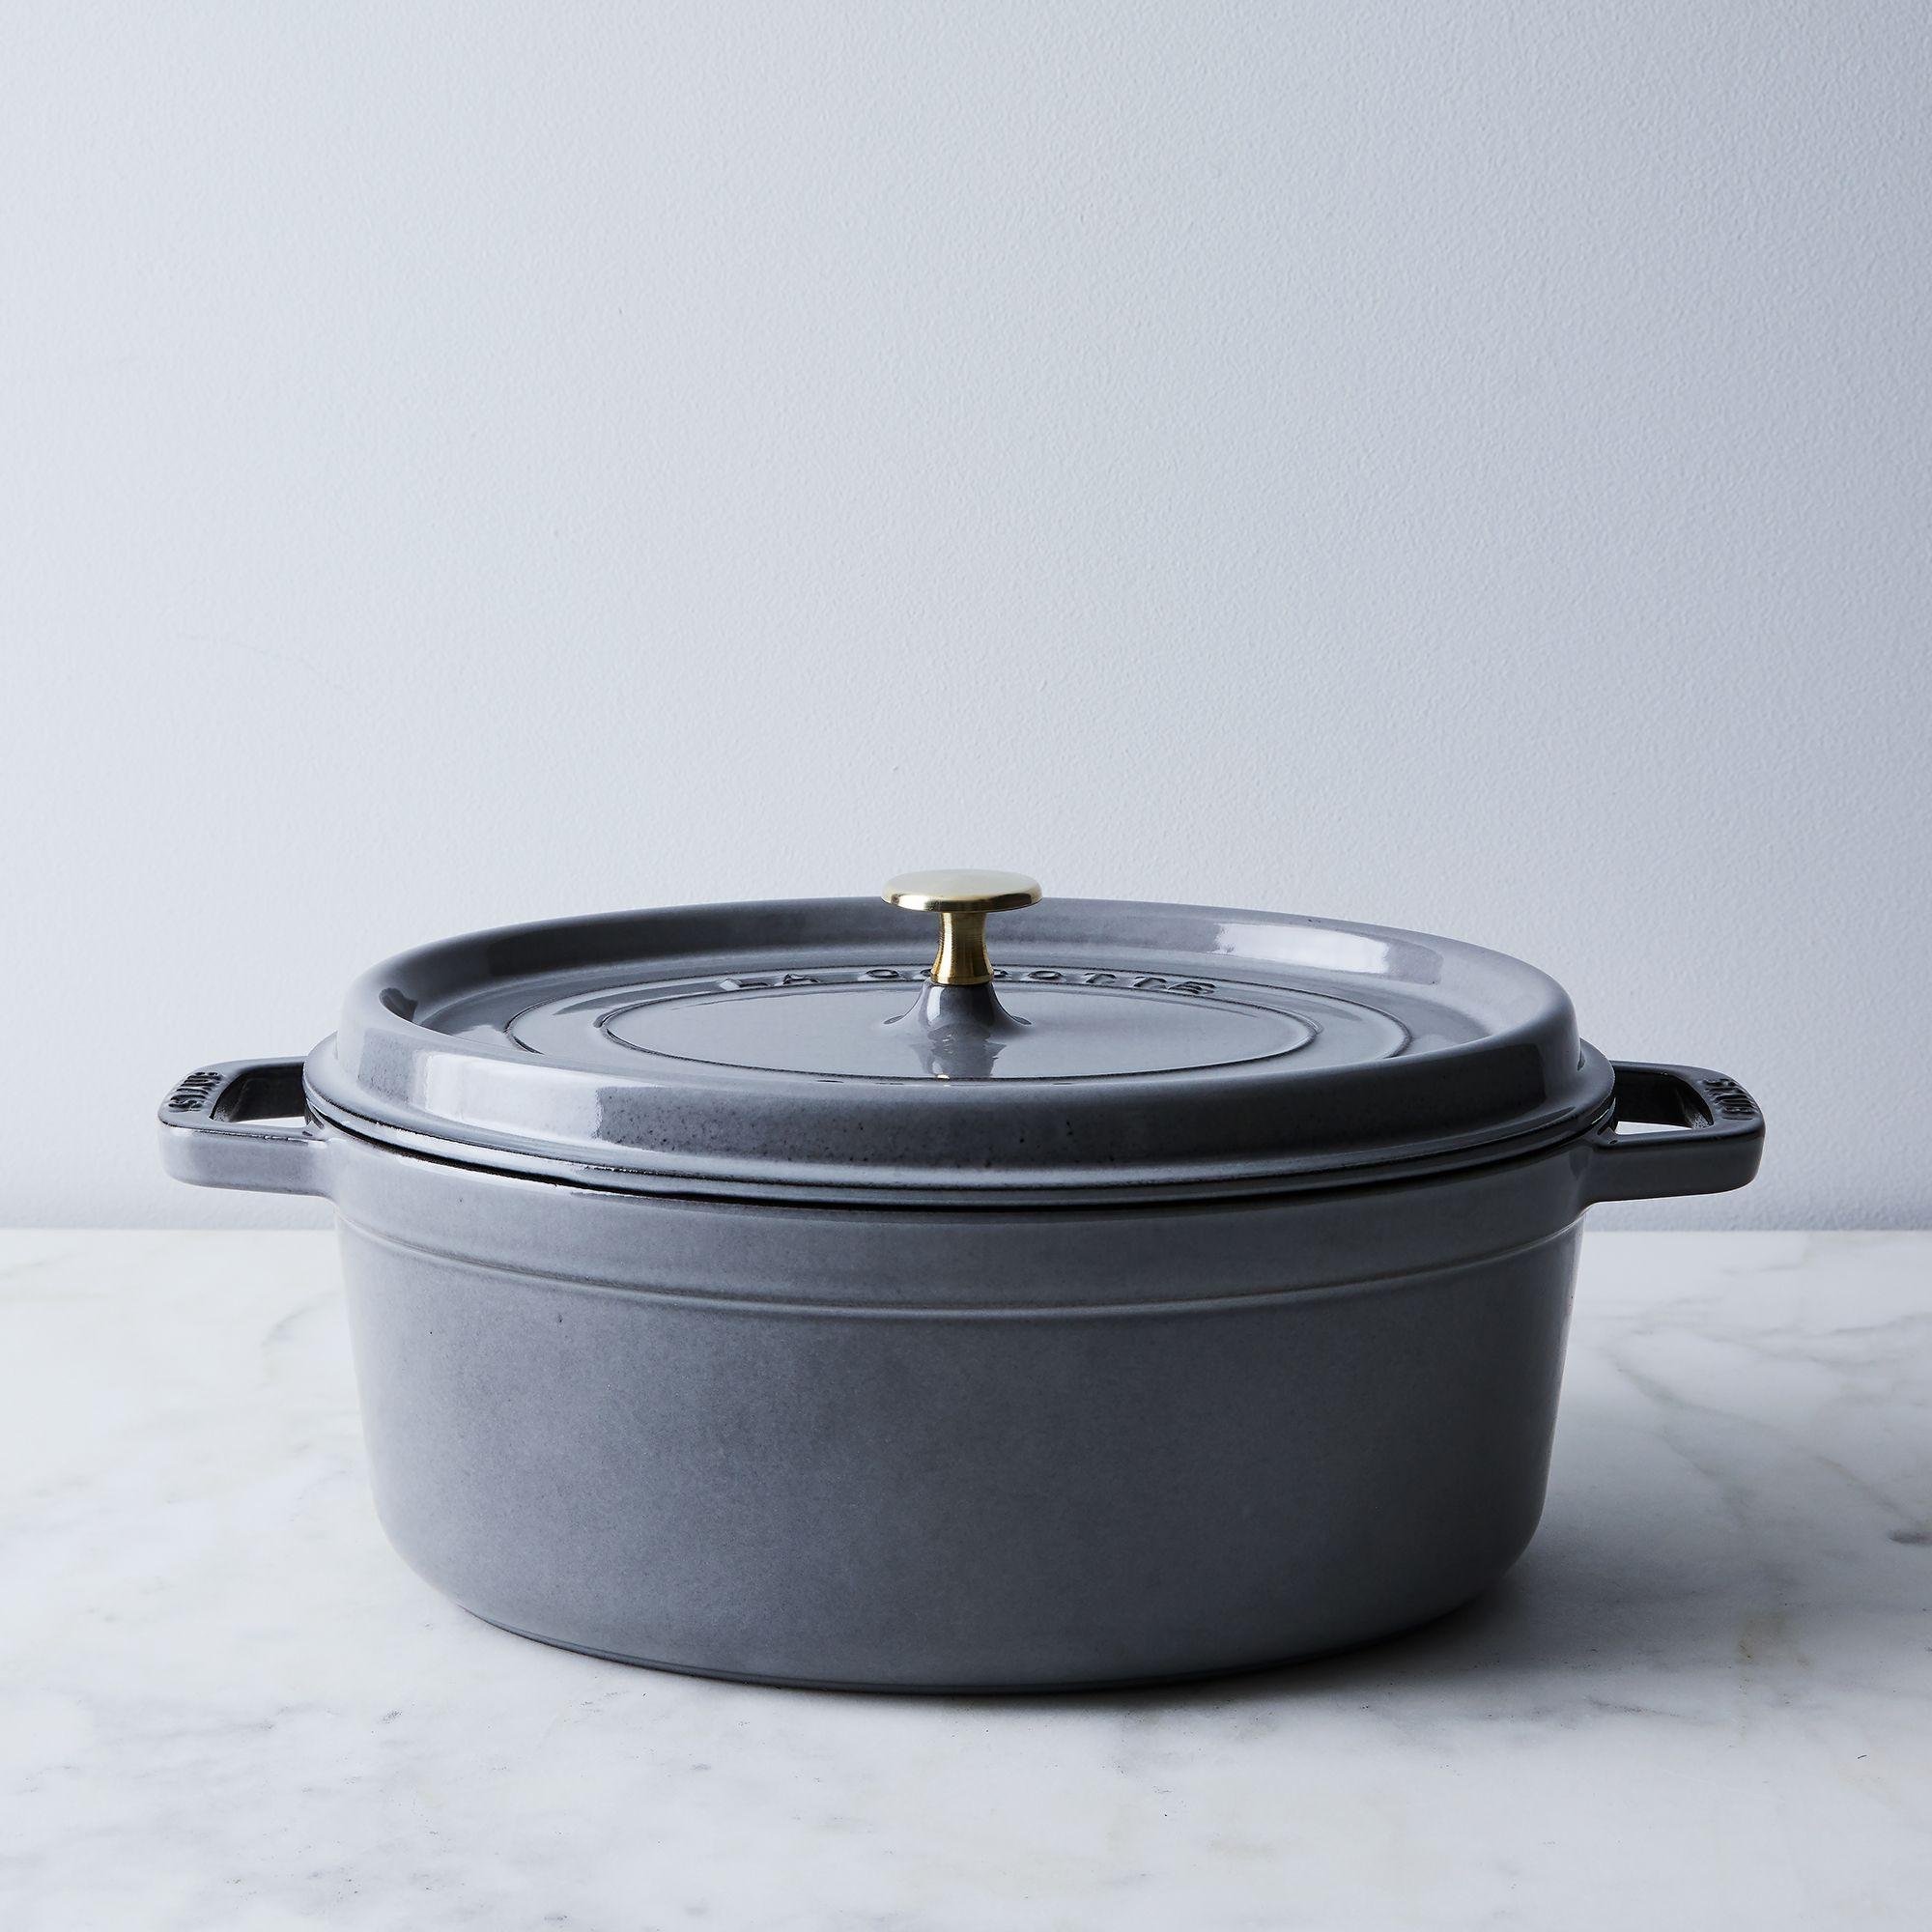 Kitchen Braise Roast by Wanda L. Floyd-Rawls